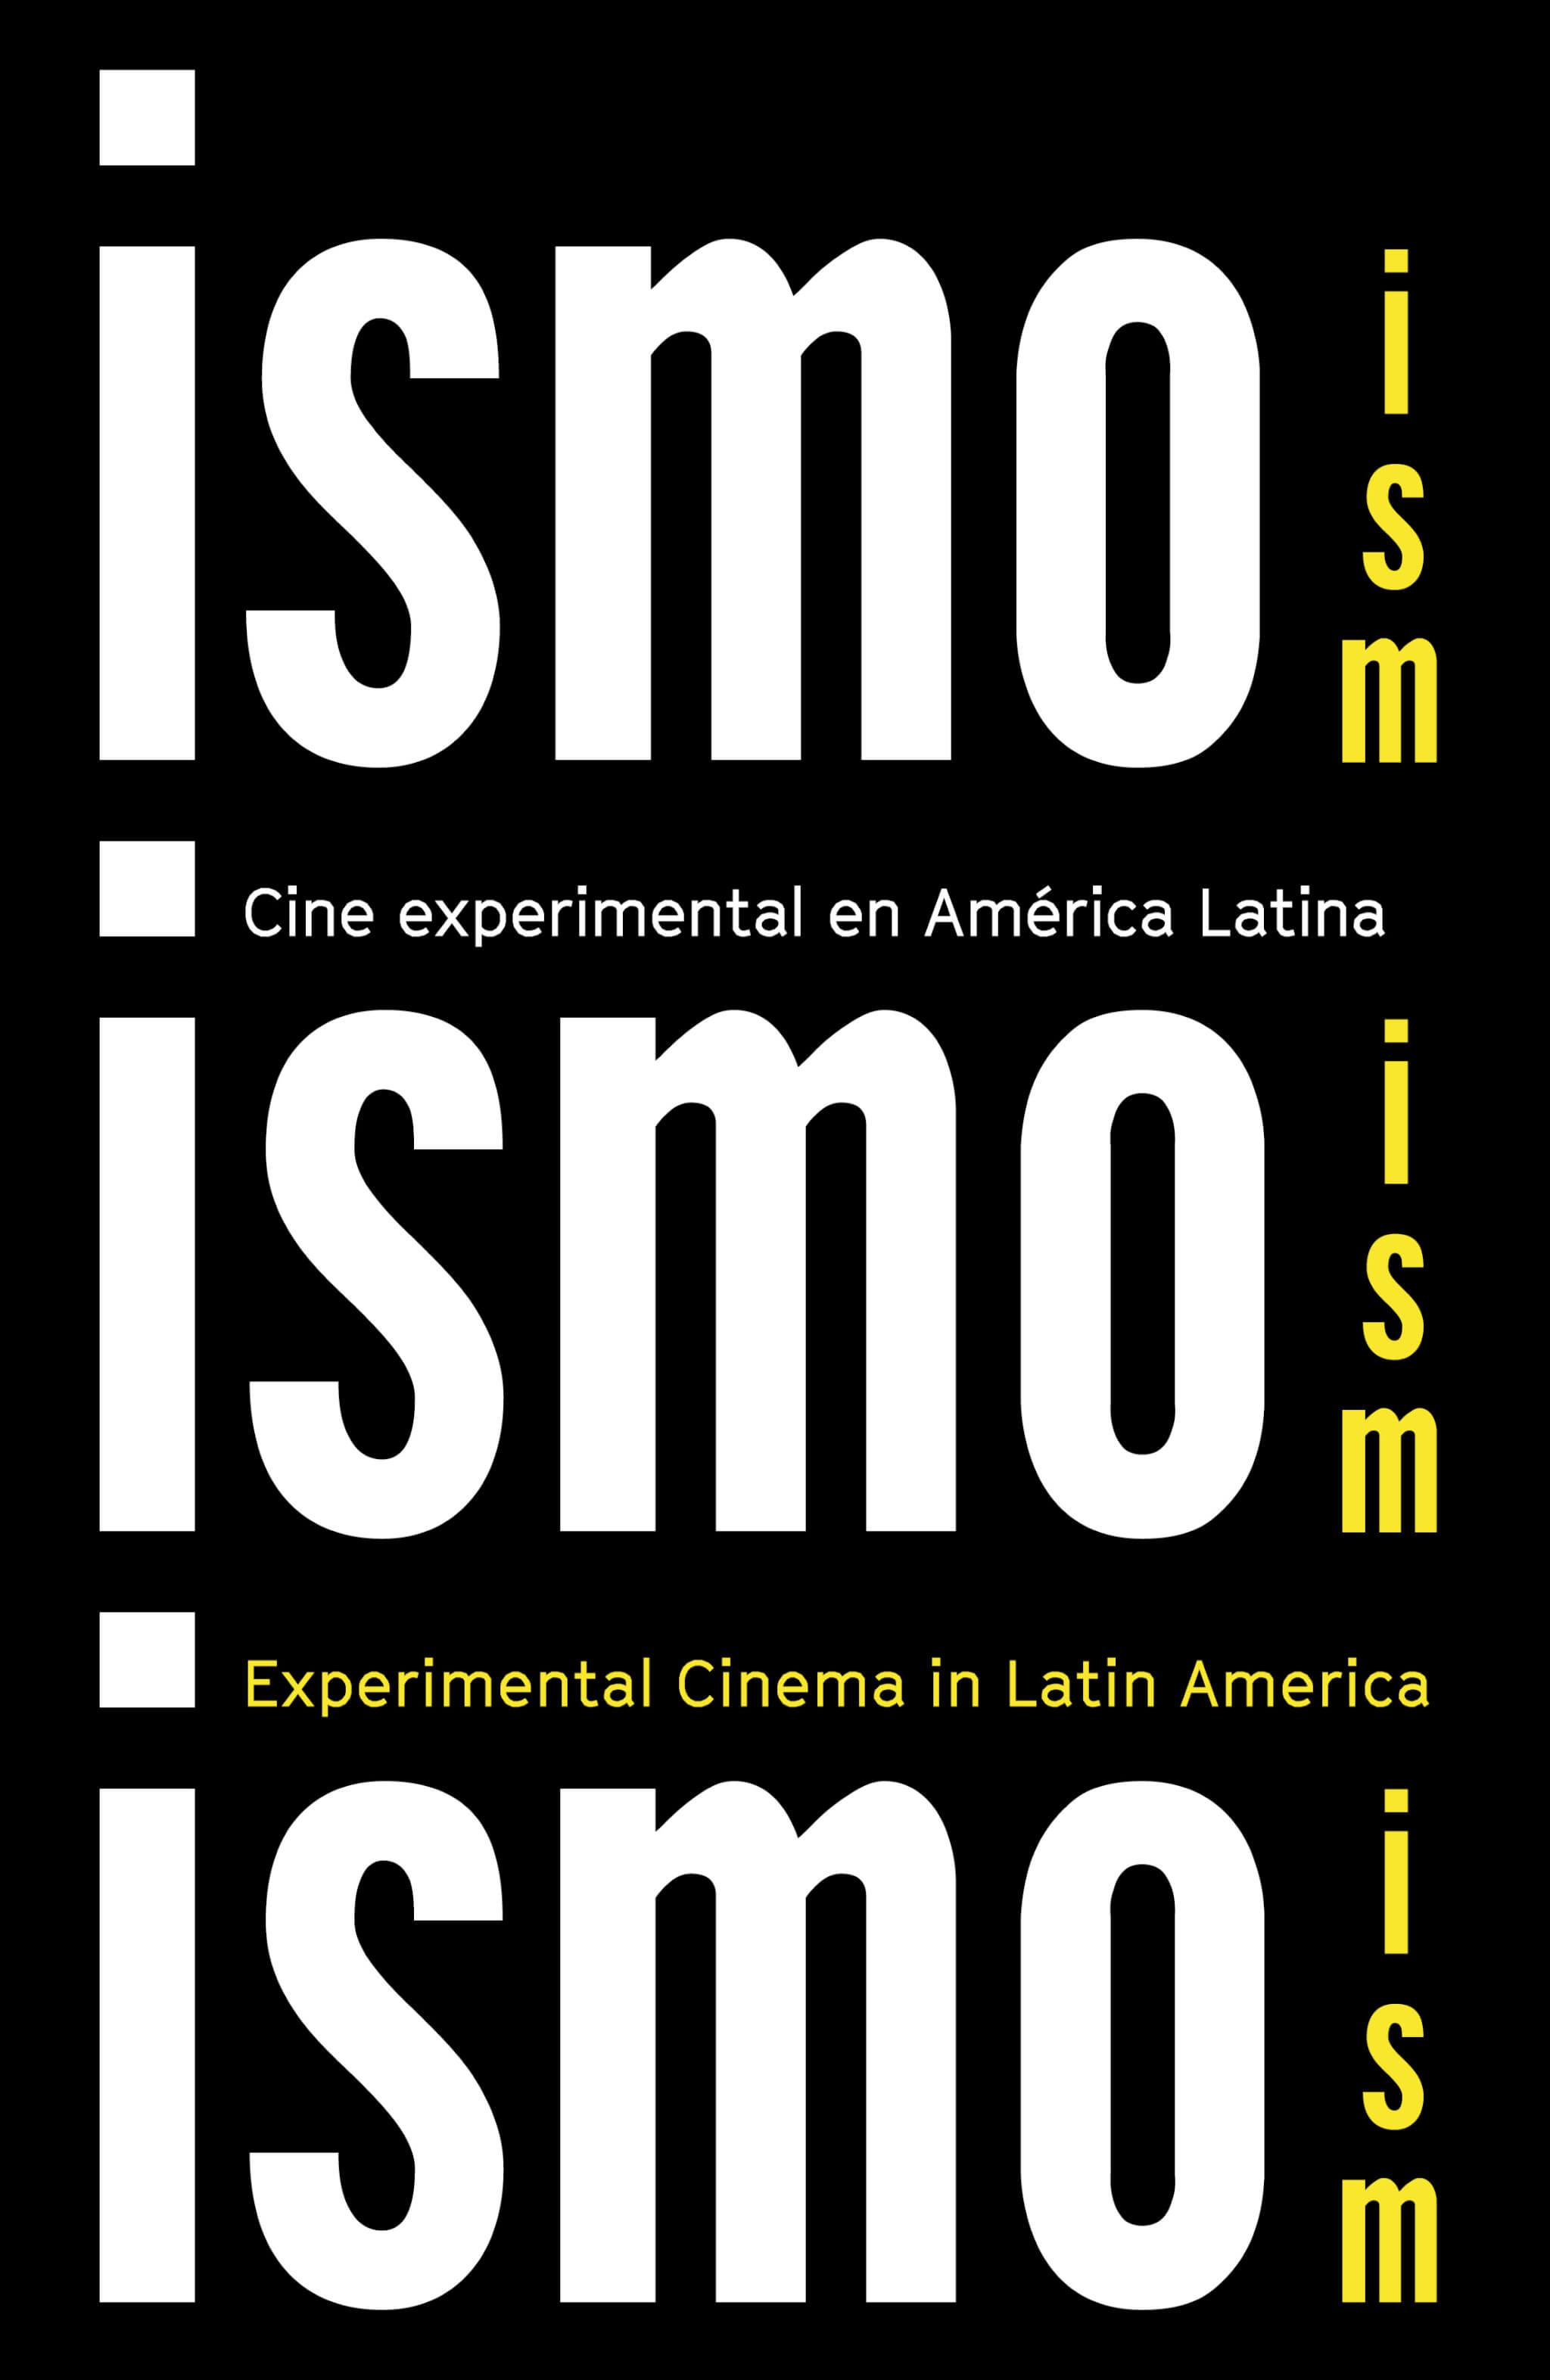 cartel de la exposición de cine experimental Ismo, ismo, ismo